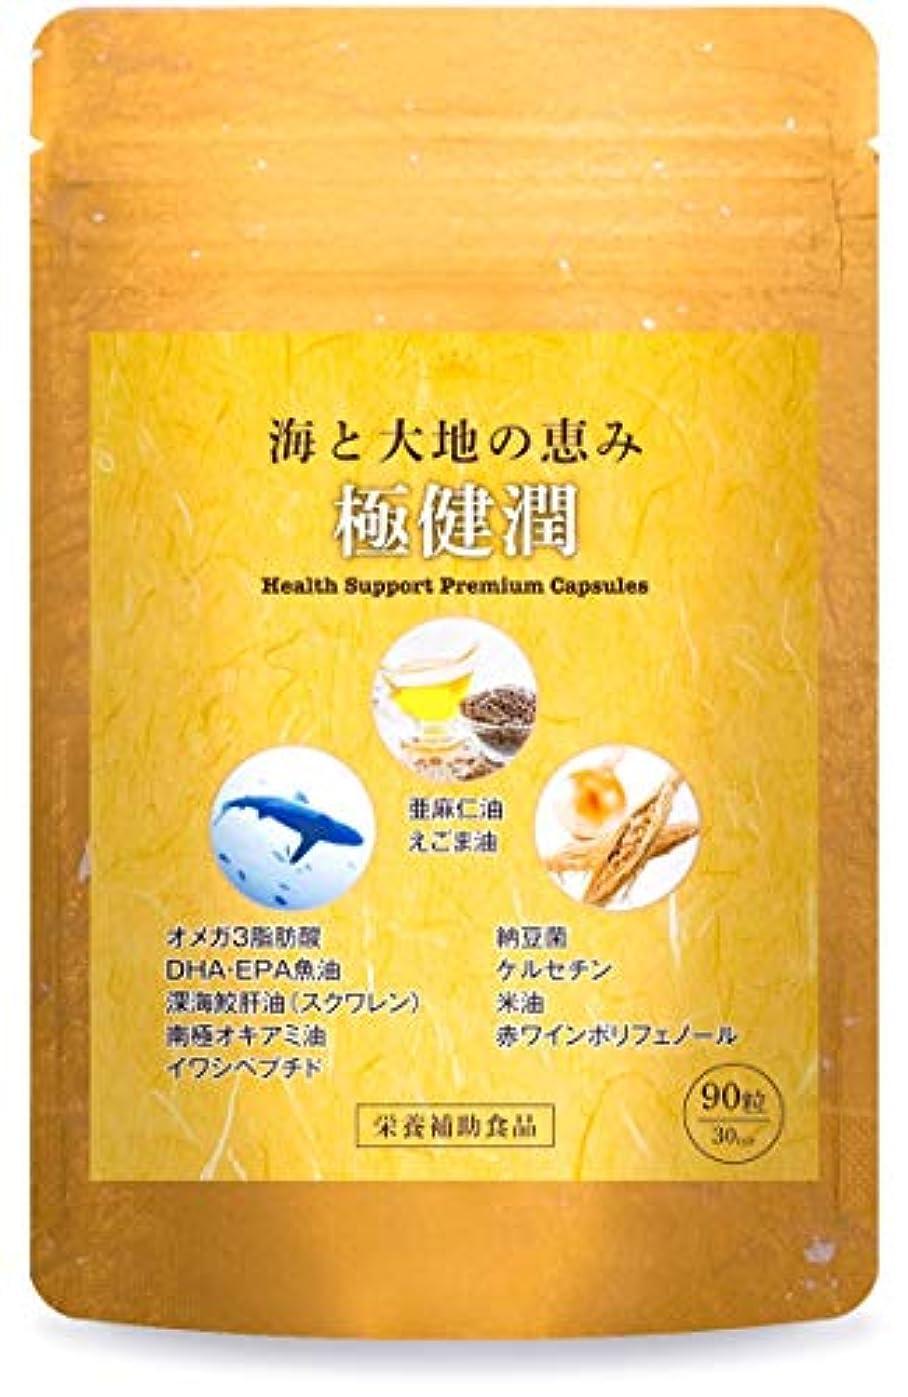 即席五所属極健潤 オメガ3 DHA EPA サプリメント 深海鮫肝油 納豆菌 ケルセチン 亜麻仁油 えごま油 30日分